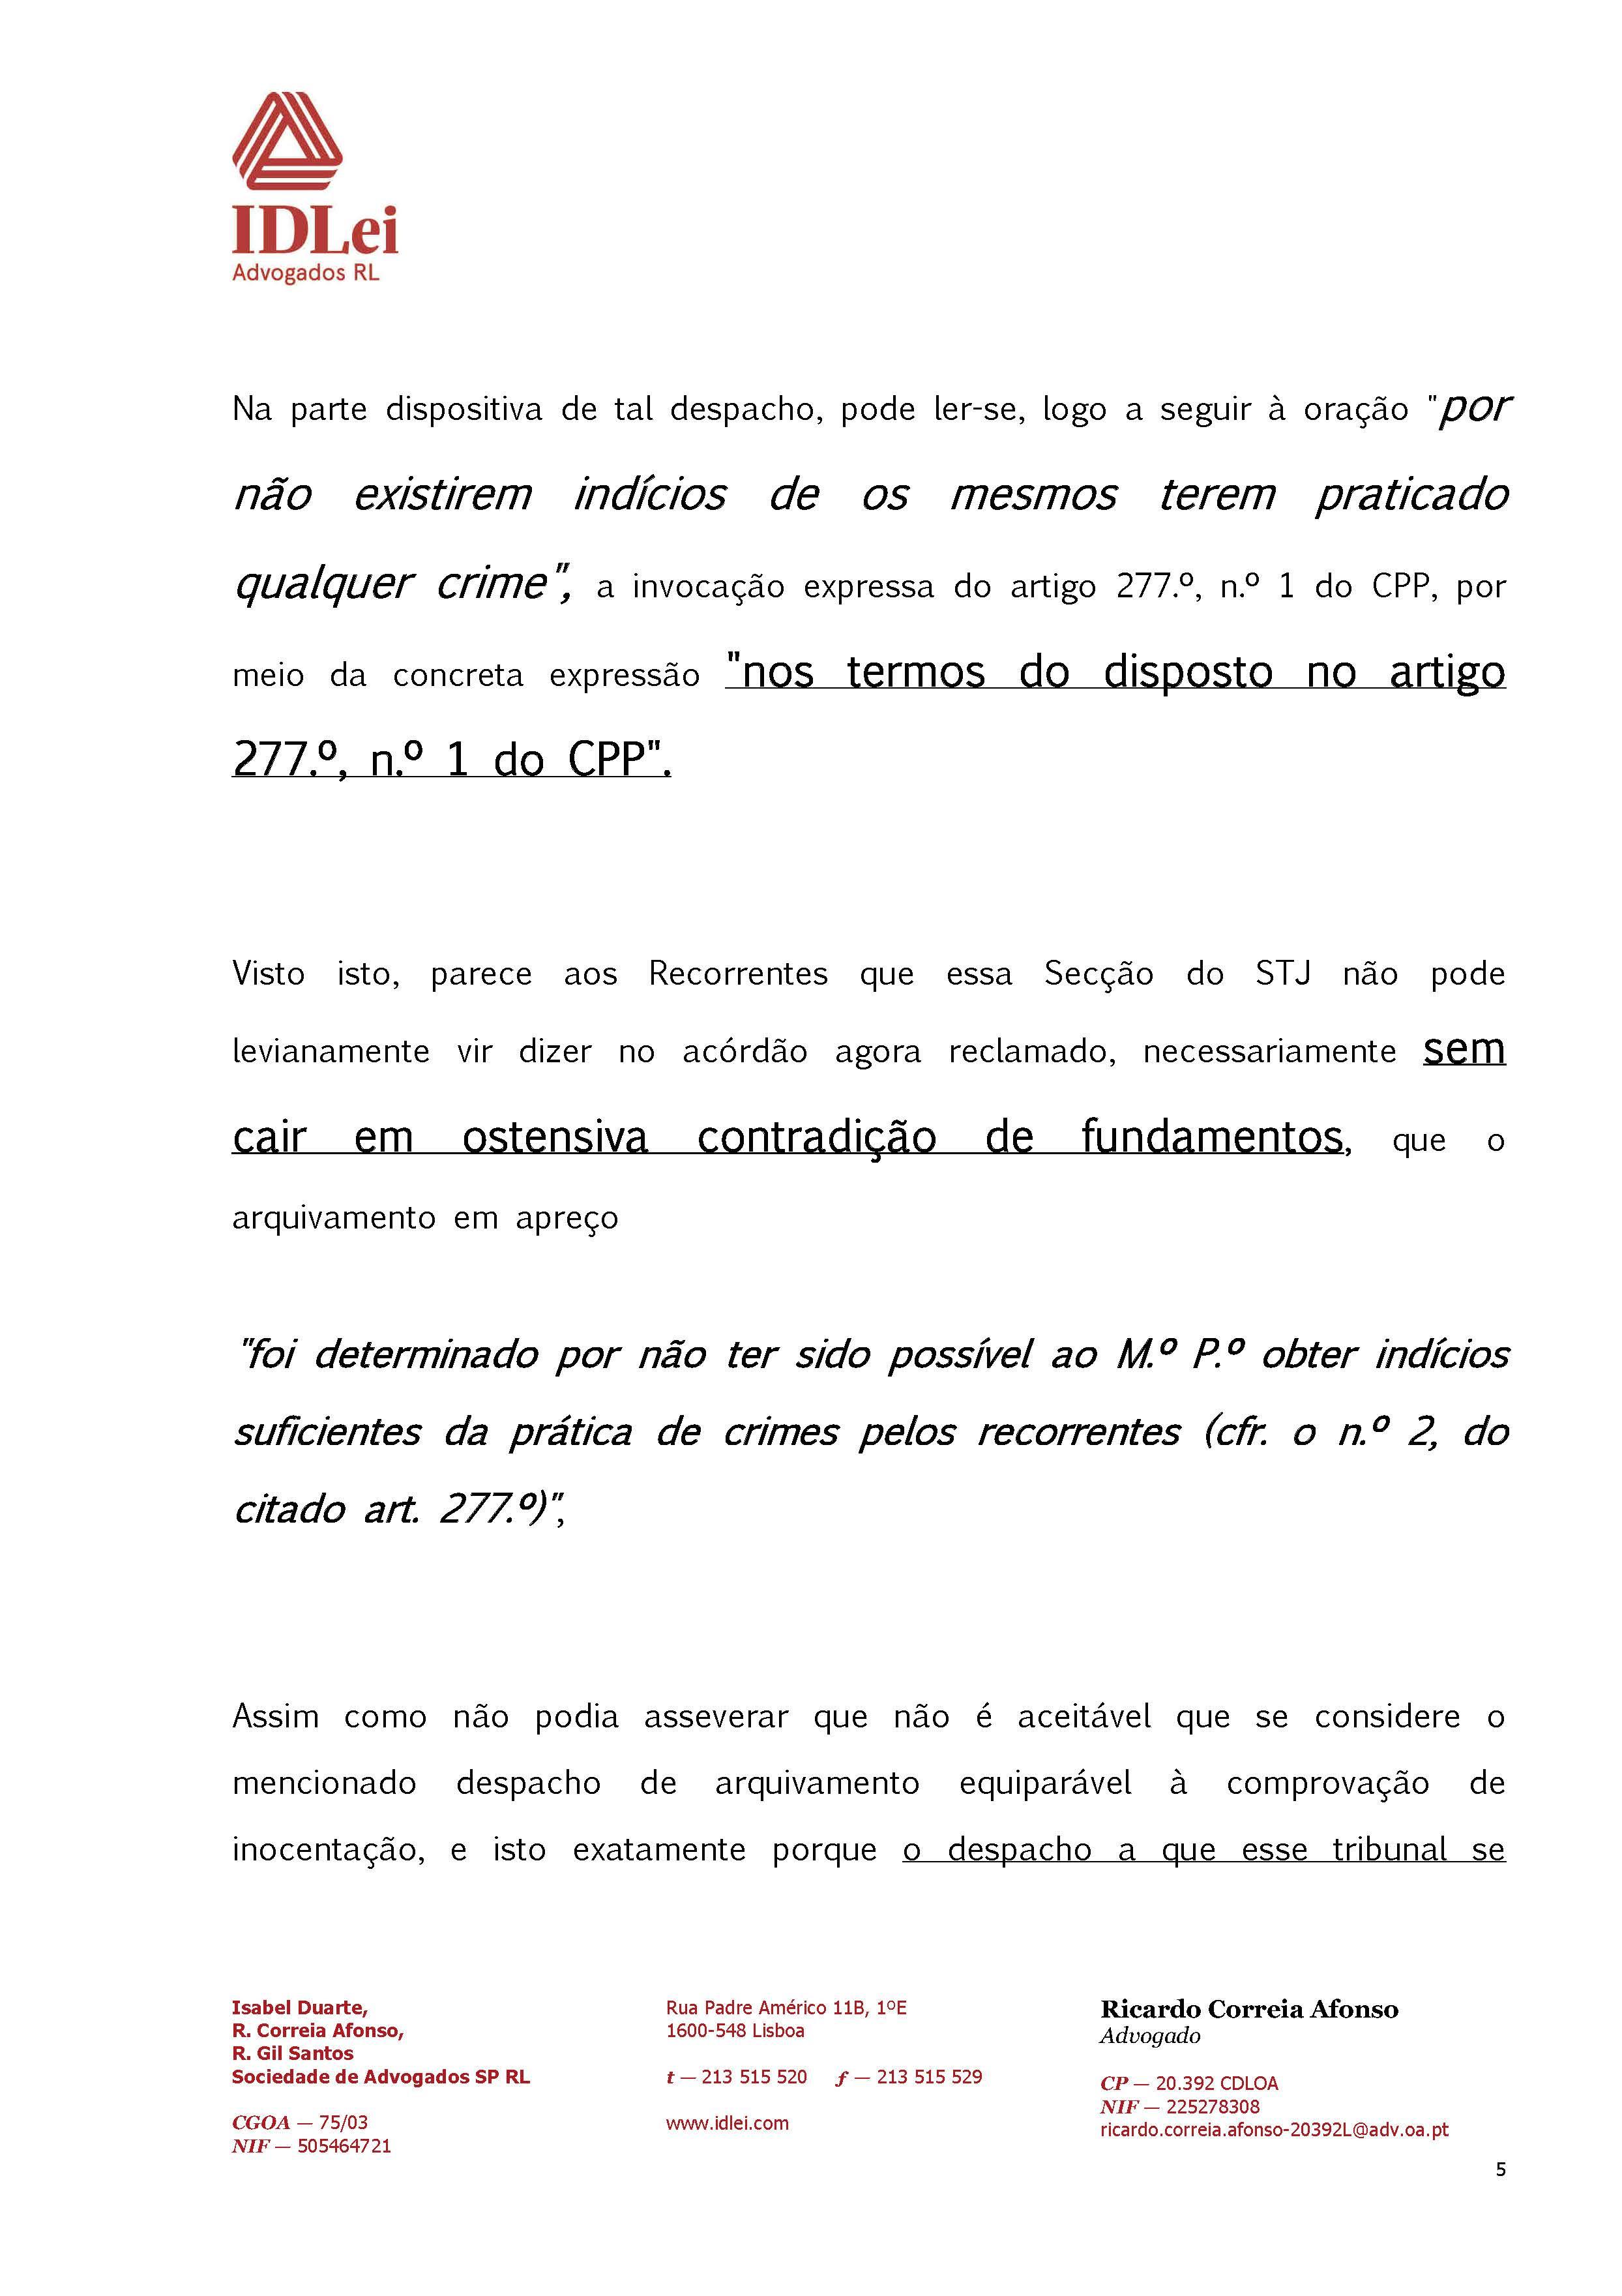 http://www.gerrymccannsblogs.co.uk/A/Arguicao_de%20Nulidade_do_Acordao_Page_5.jpg